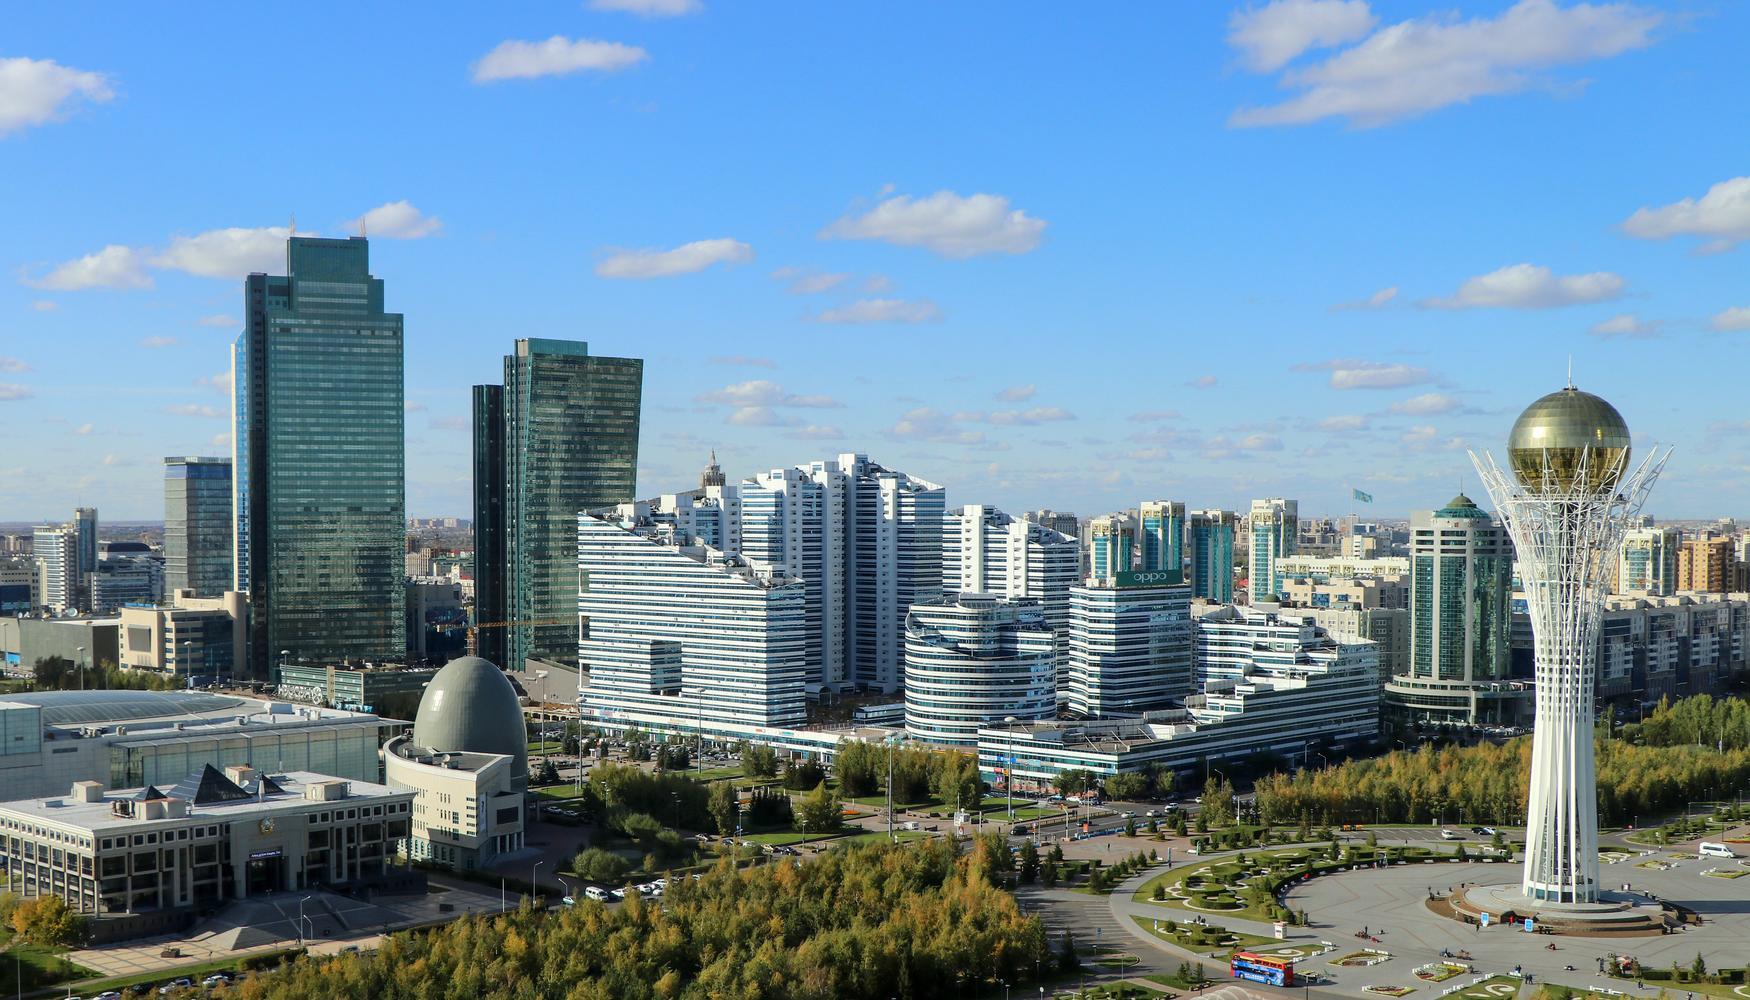 Mietwagen am Flughafen Nur-Sultan Nursultan Nazarbayev Intl